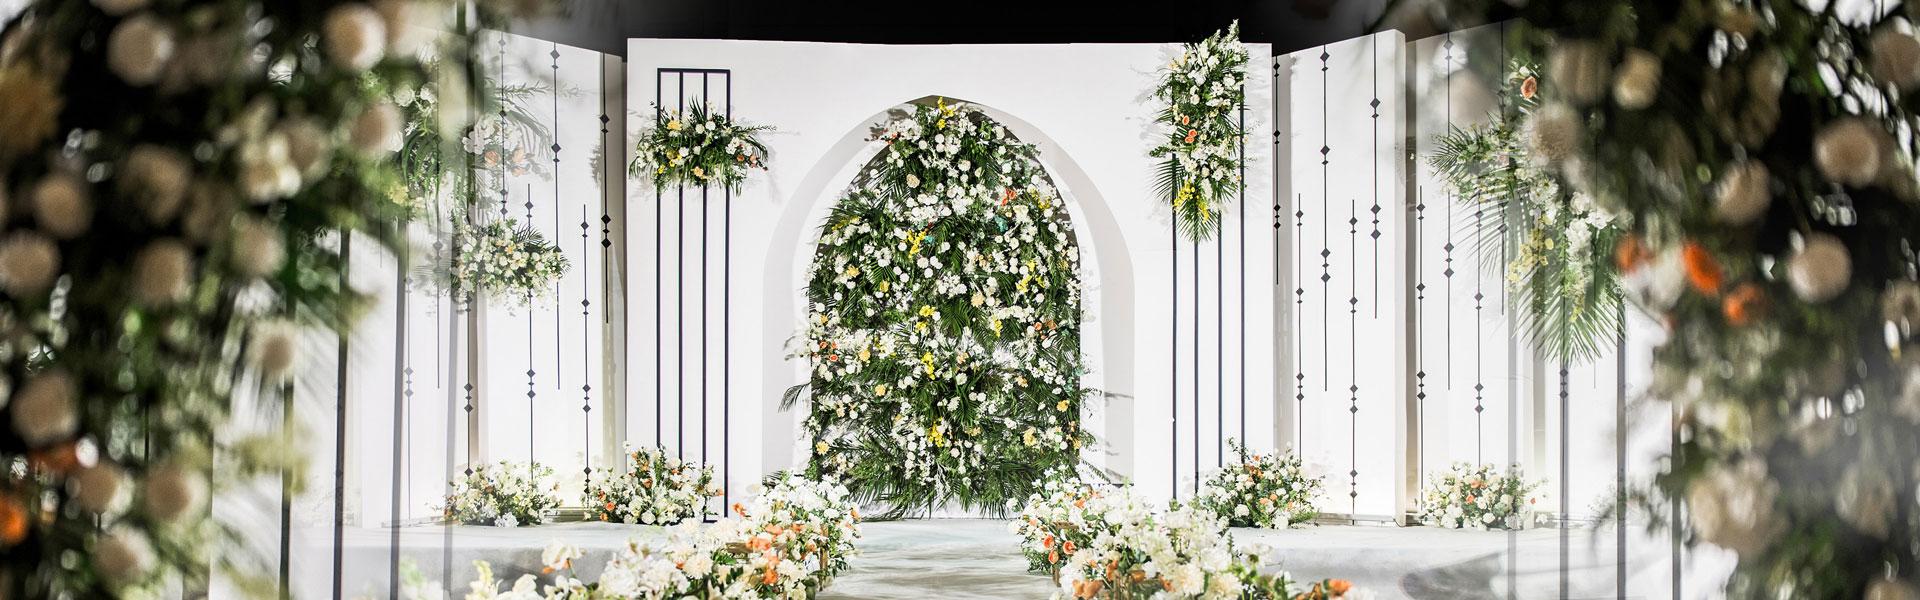 北京婚庆策划案例:最美婚礼 第12期   湖南 长沙